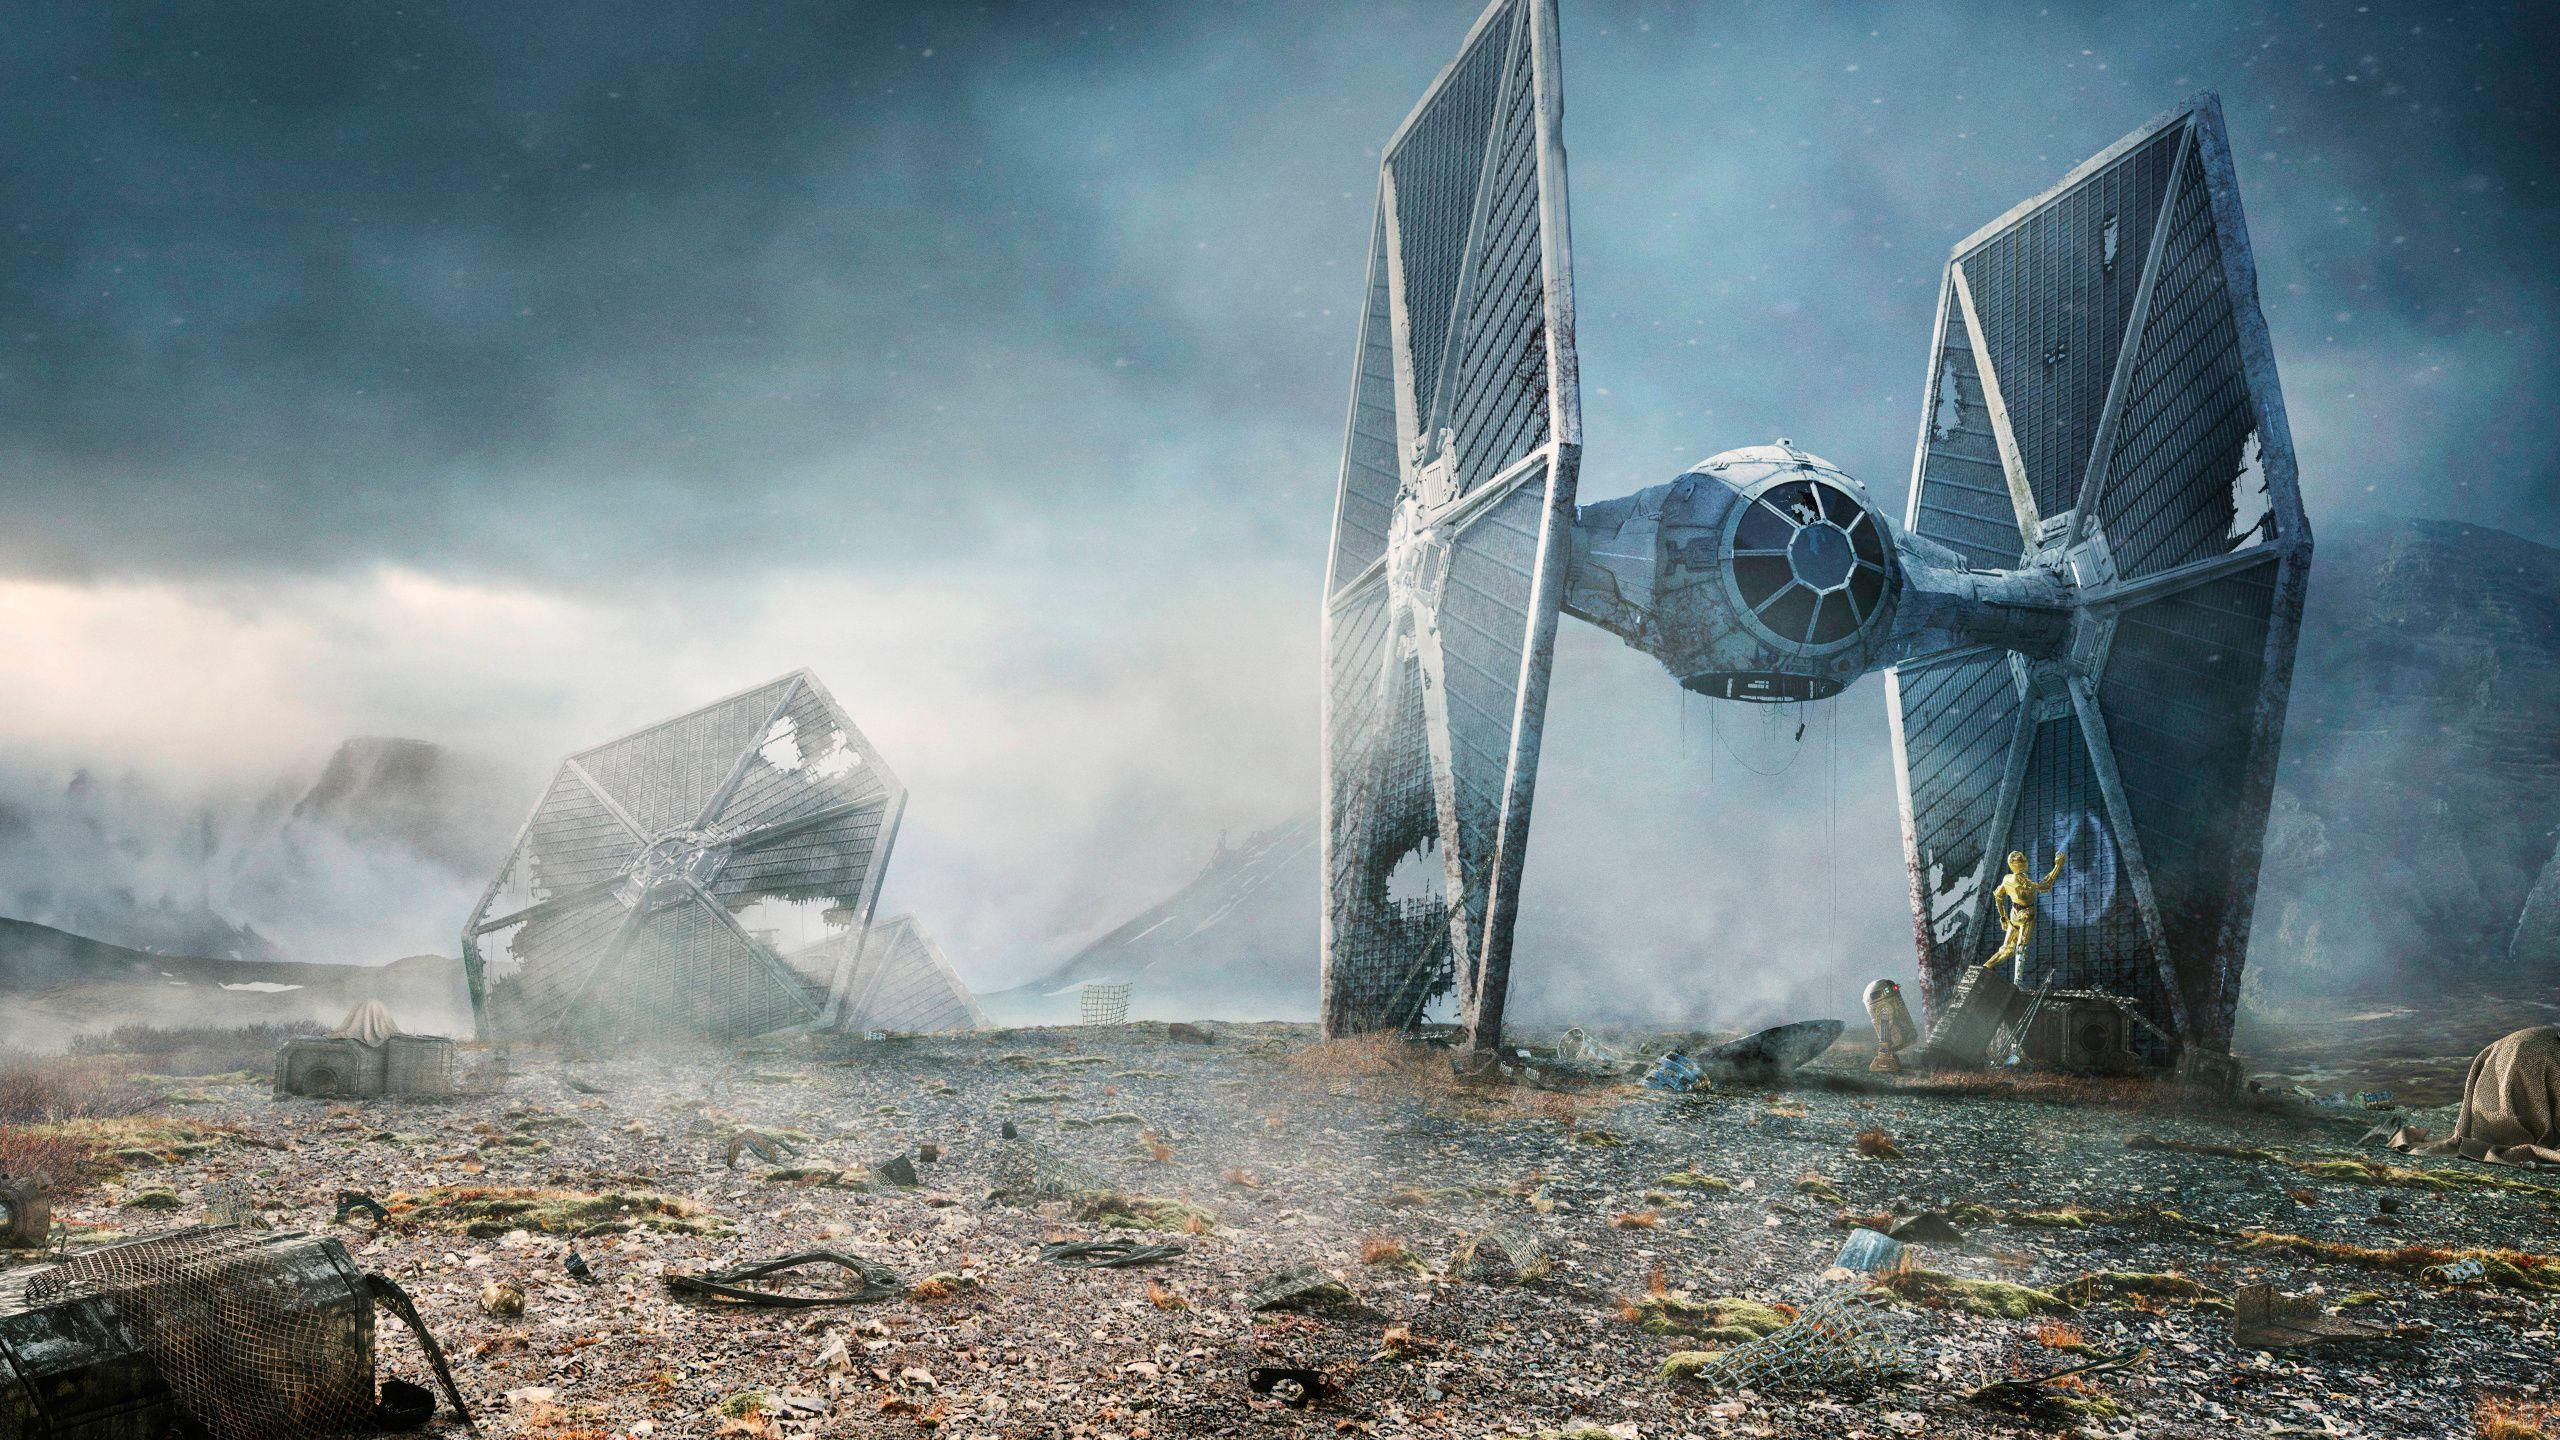 Star Wars 2560 X 1440 Star Wars Wallpaper Tie Fighter Wallpaper Star Wars Background